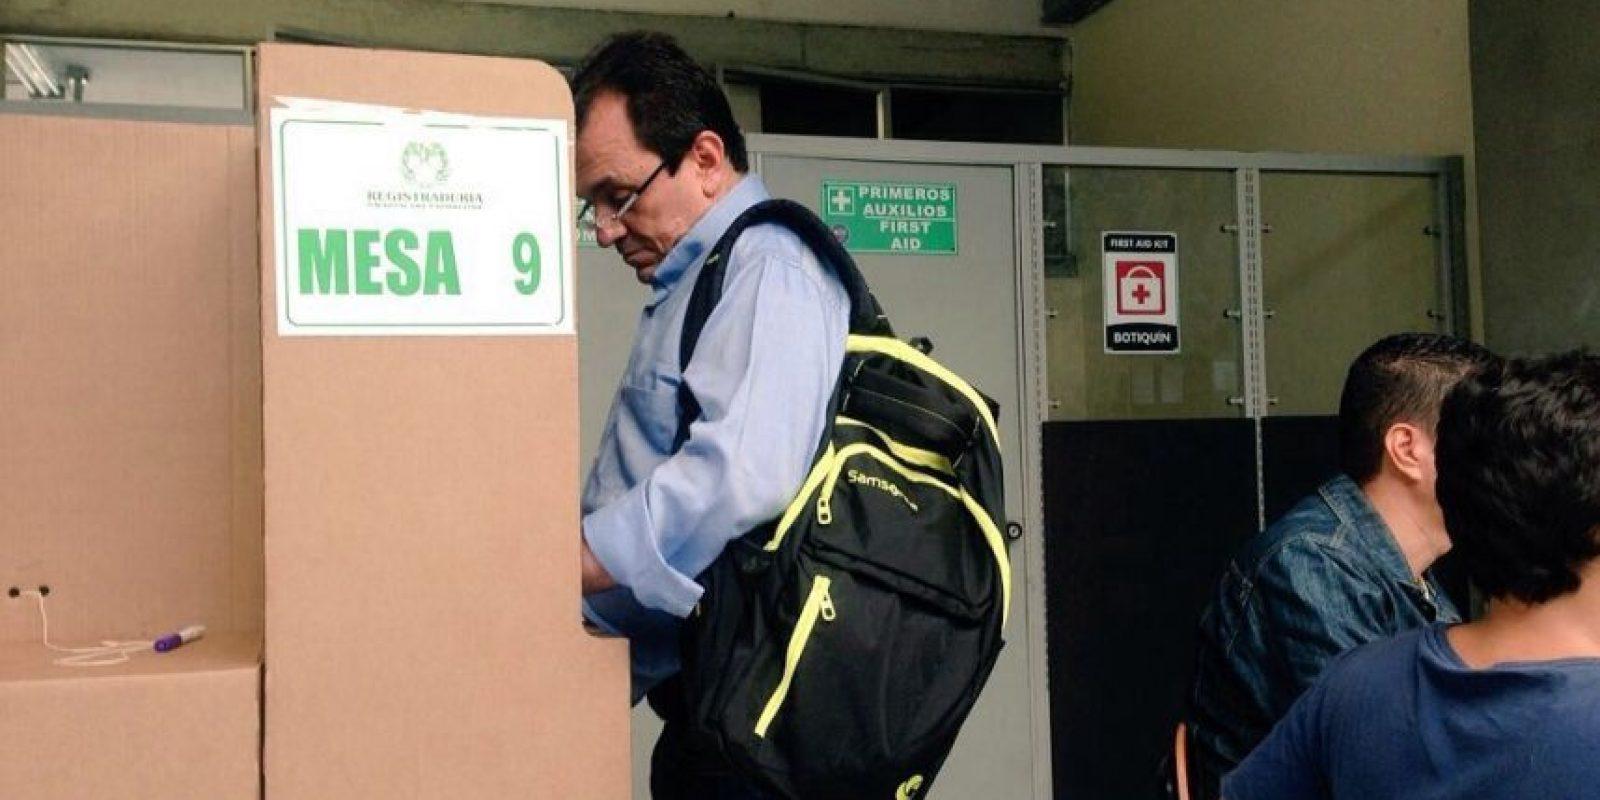 Alonso Salazar, Alianza Verde Foto:Cortesía: Campaña Alonso Salazar Jaramillo